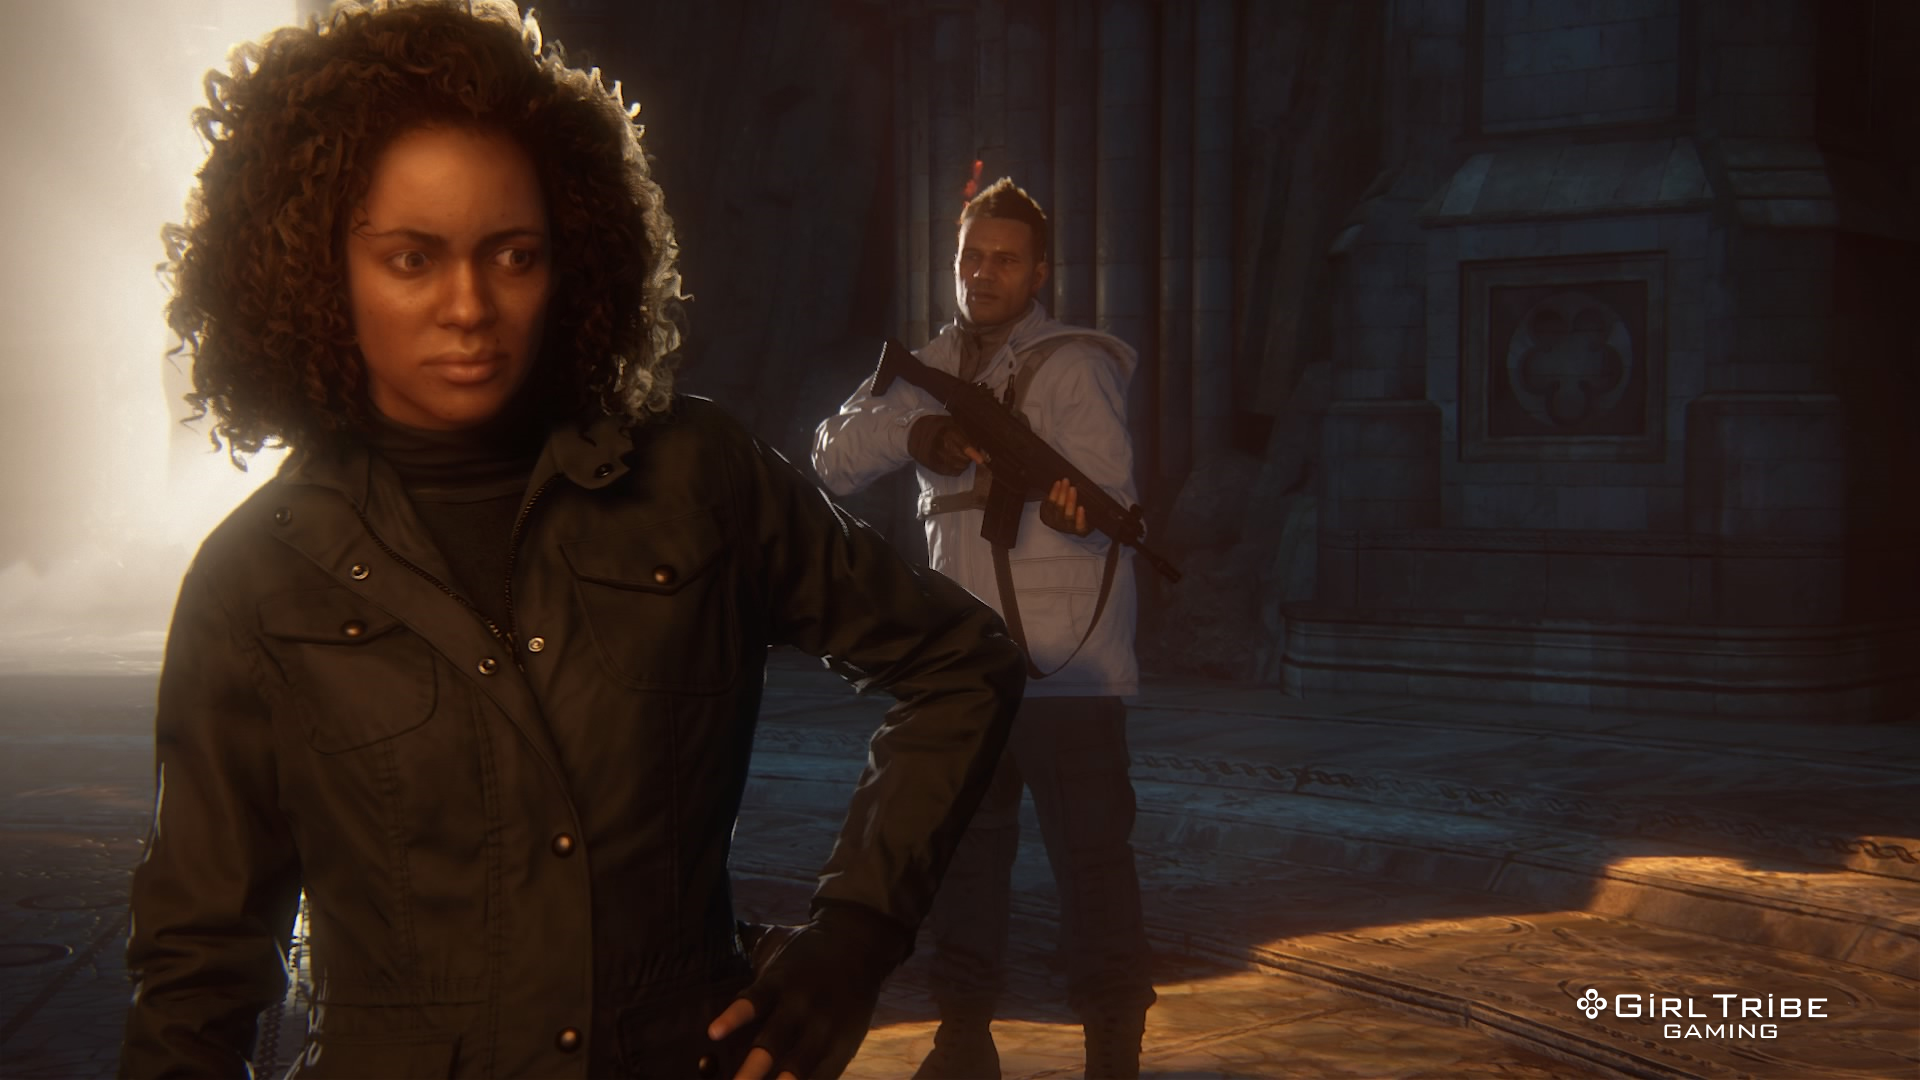 Uncharted-4-Screenshot-2-w.jpg